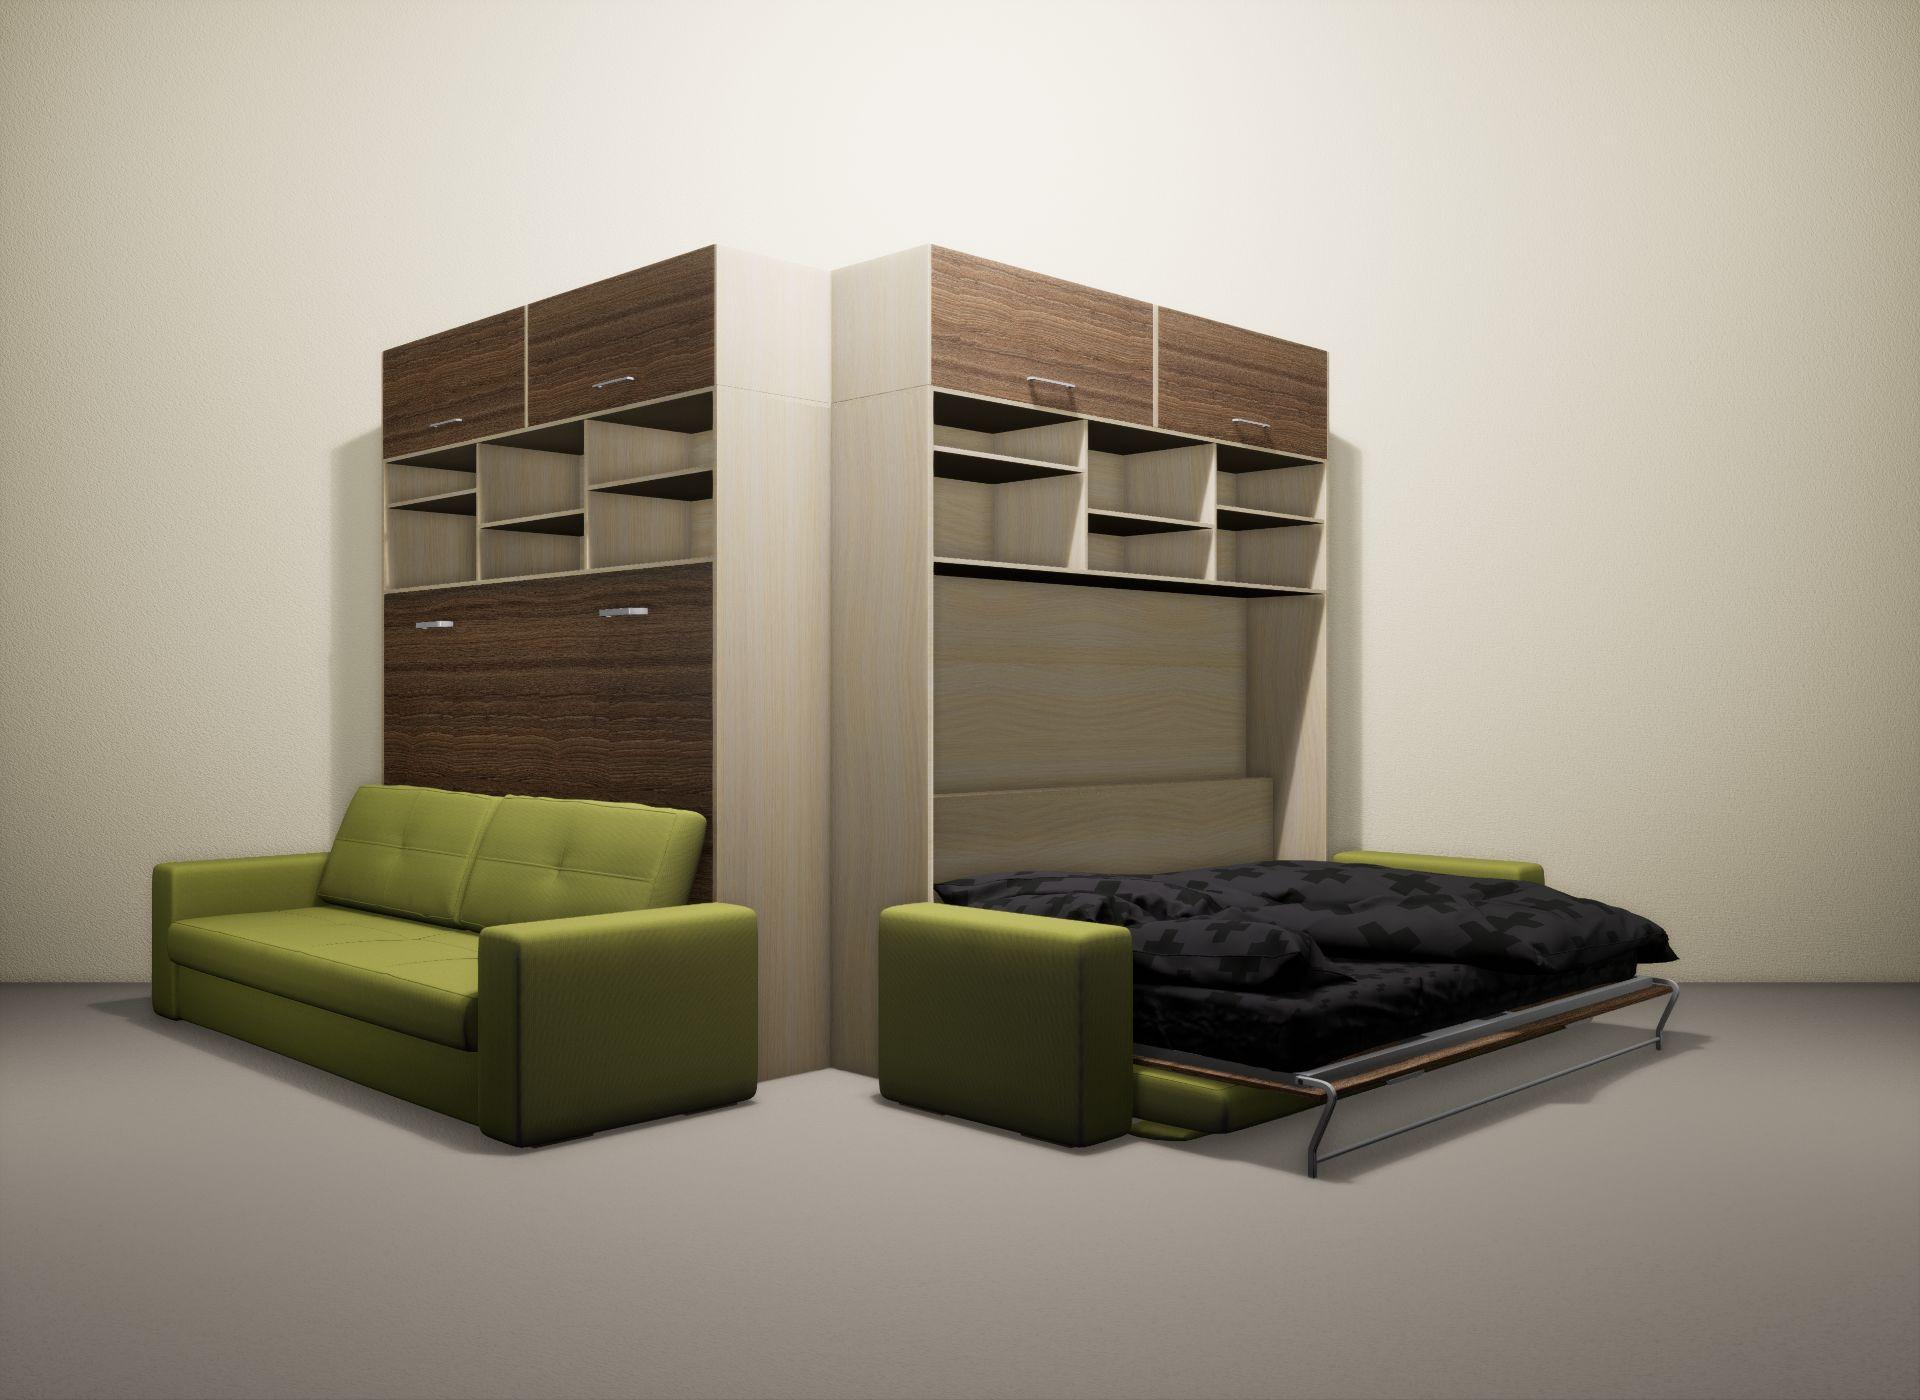 Шкаф-кровать SMART HOME Бетта молочный дуб/шамони